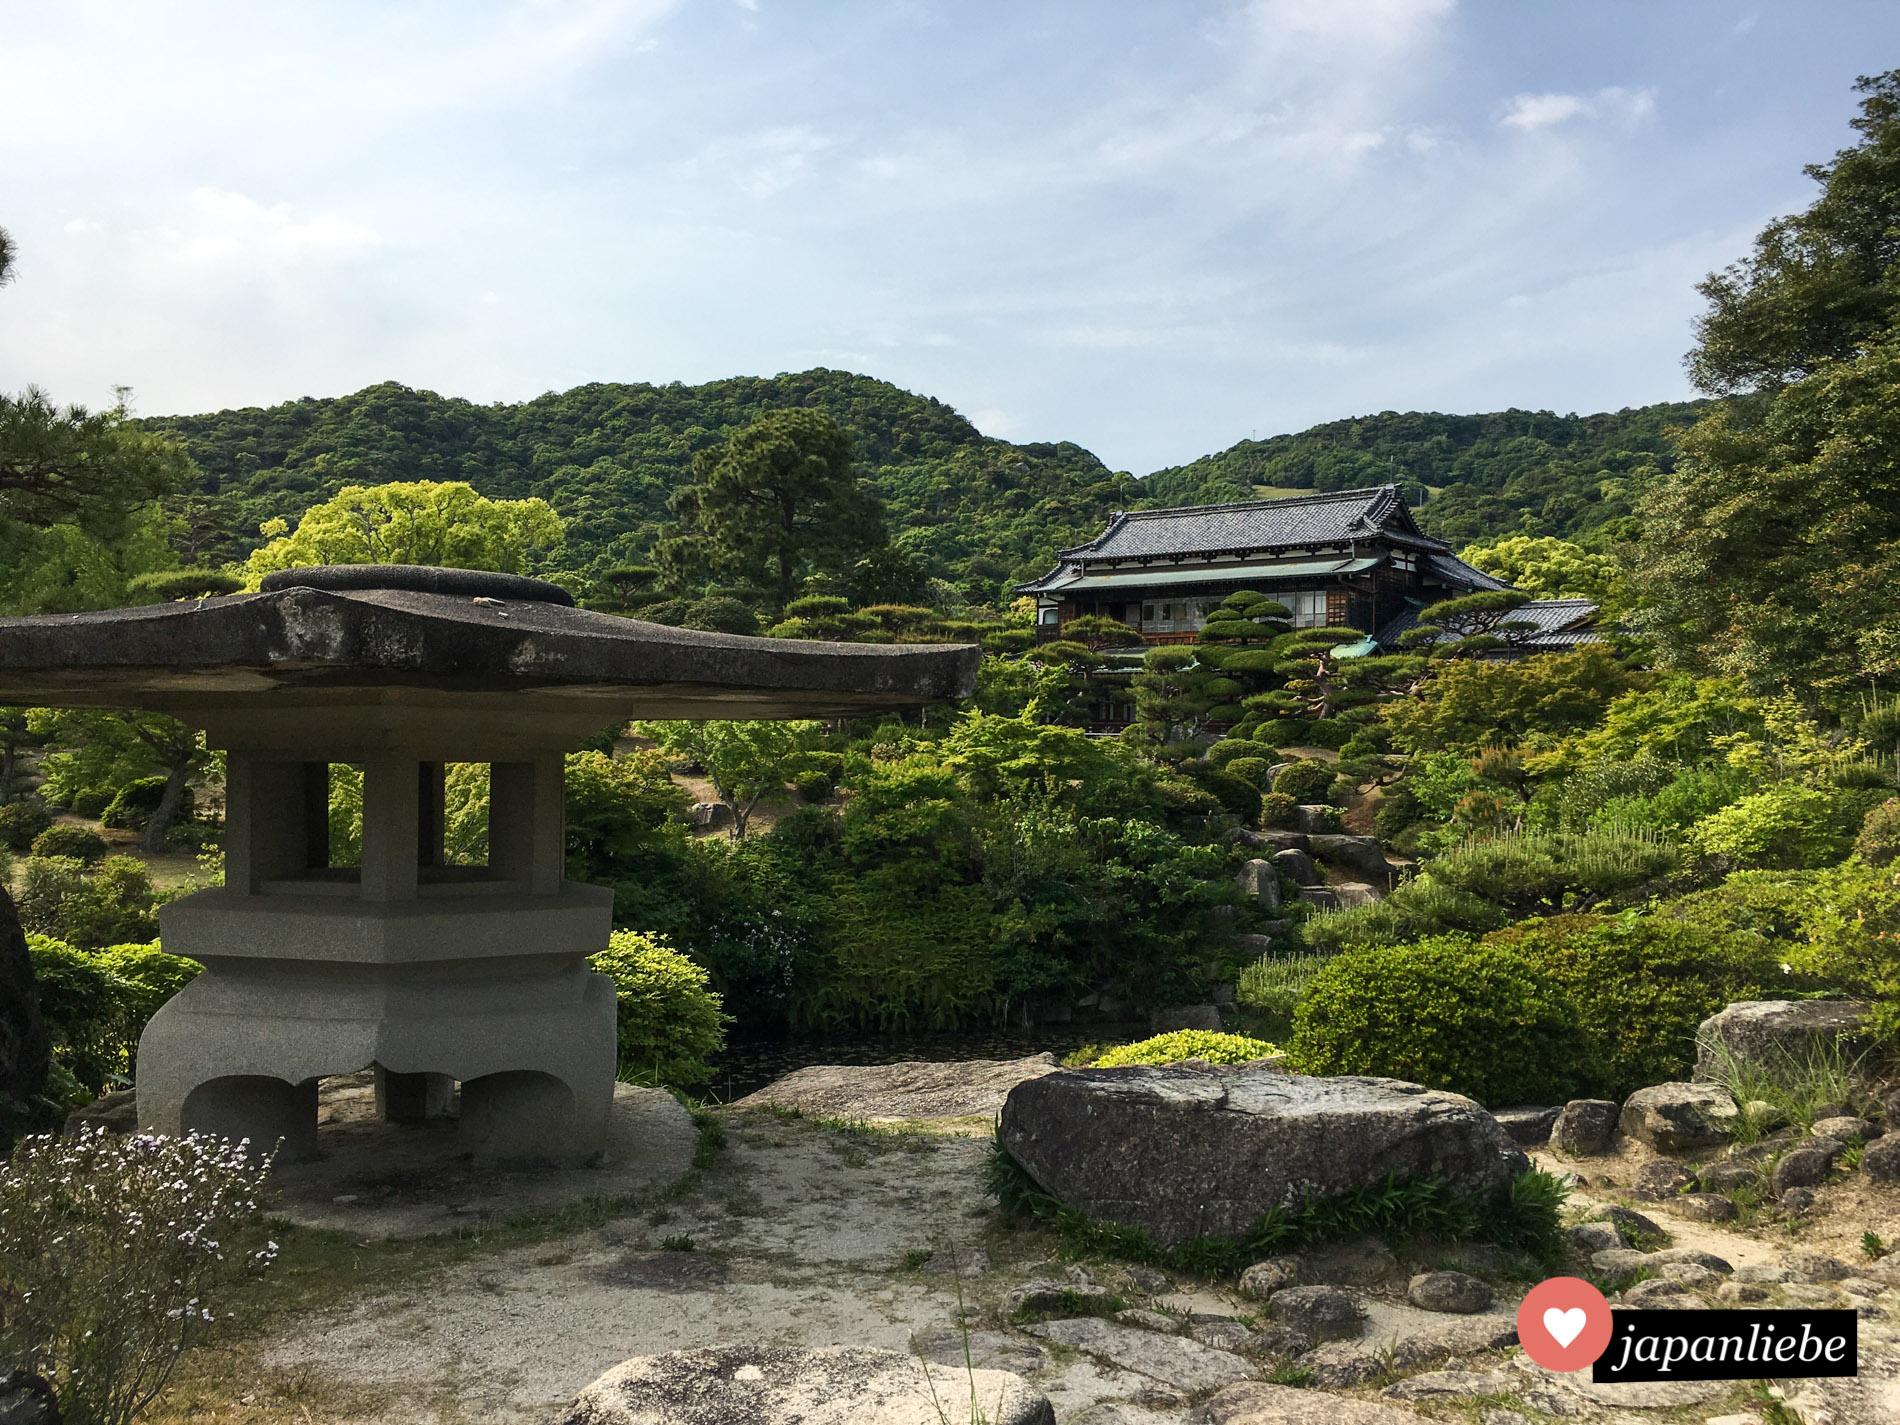 Auch wenn man sich entscheidet, kein Geld für das an den Mōri Garten angrenzende Museum auszugeben, bildet die Residenz einen schönen Hintergrund zum üppigen Grün.